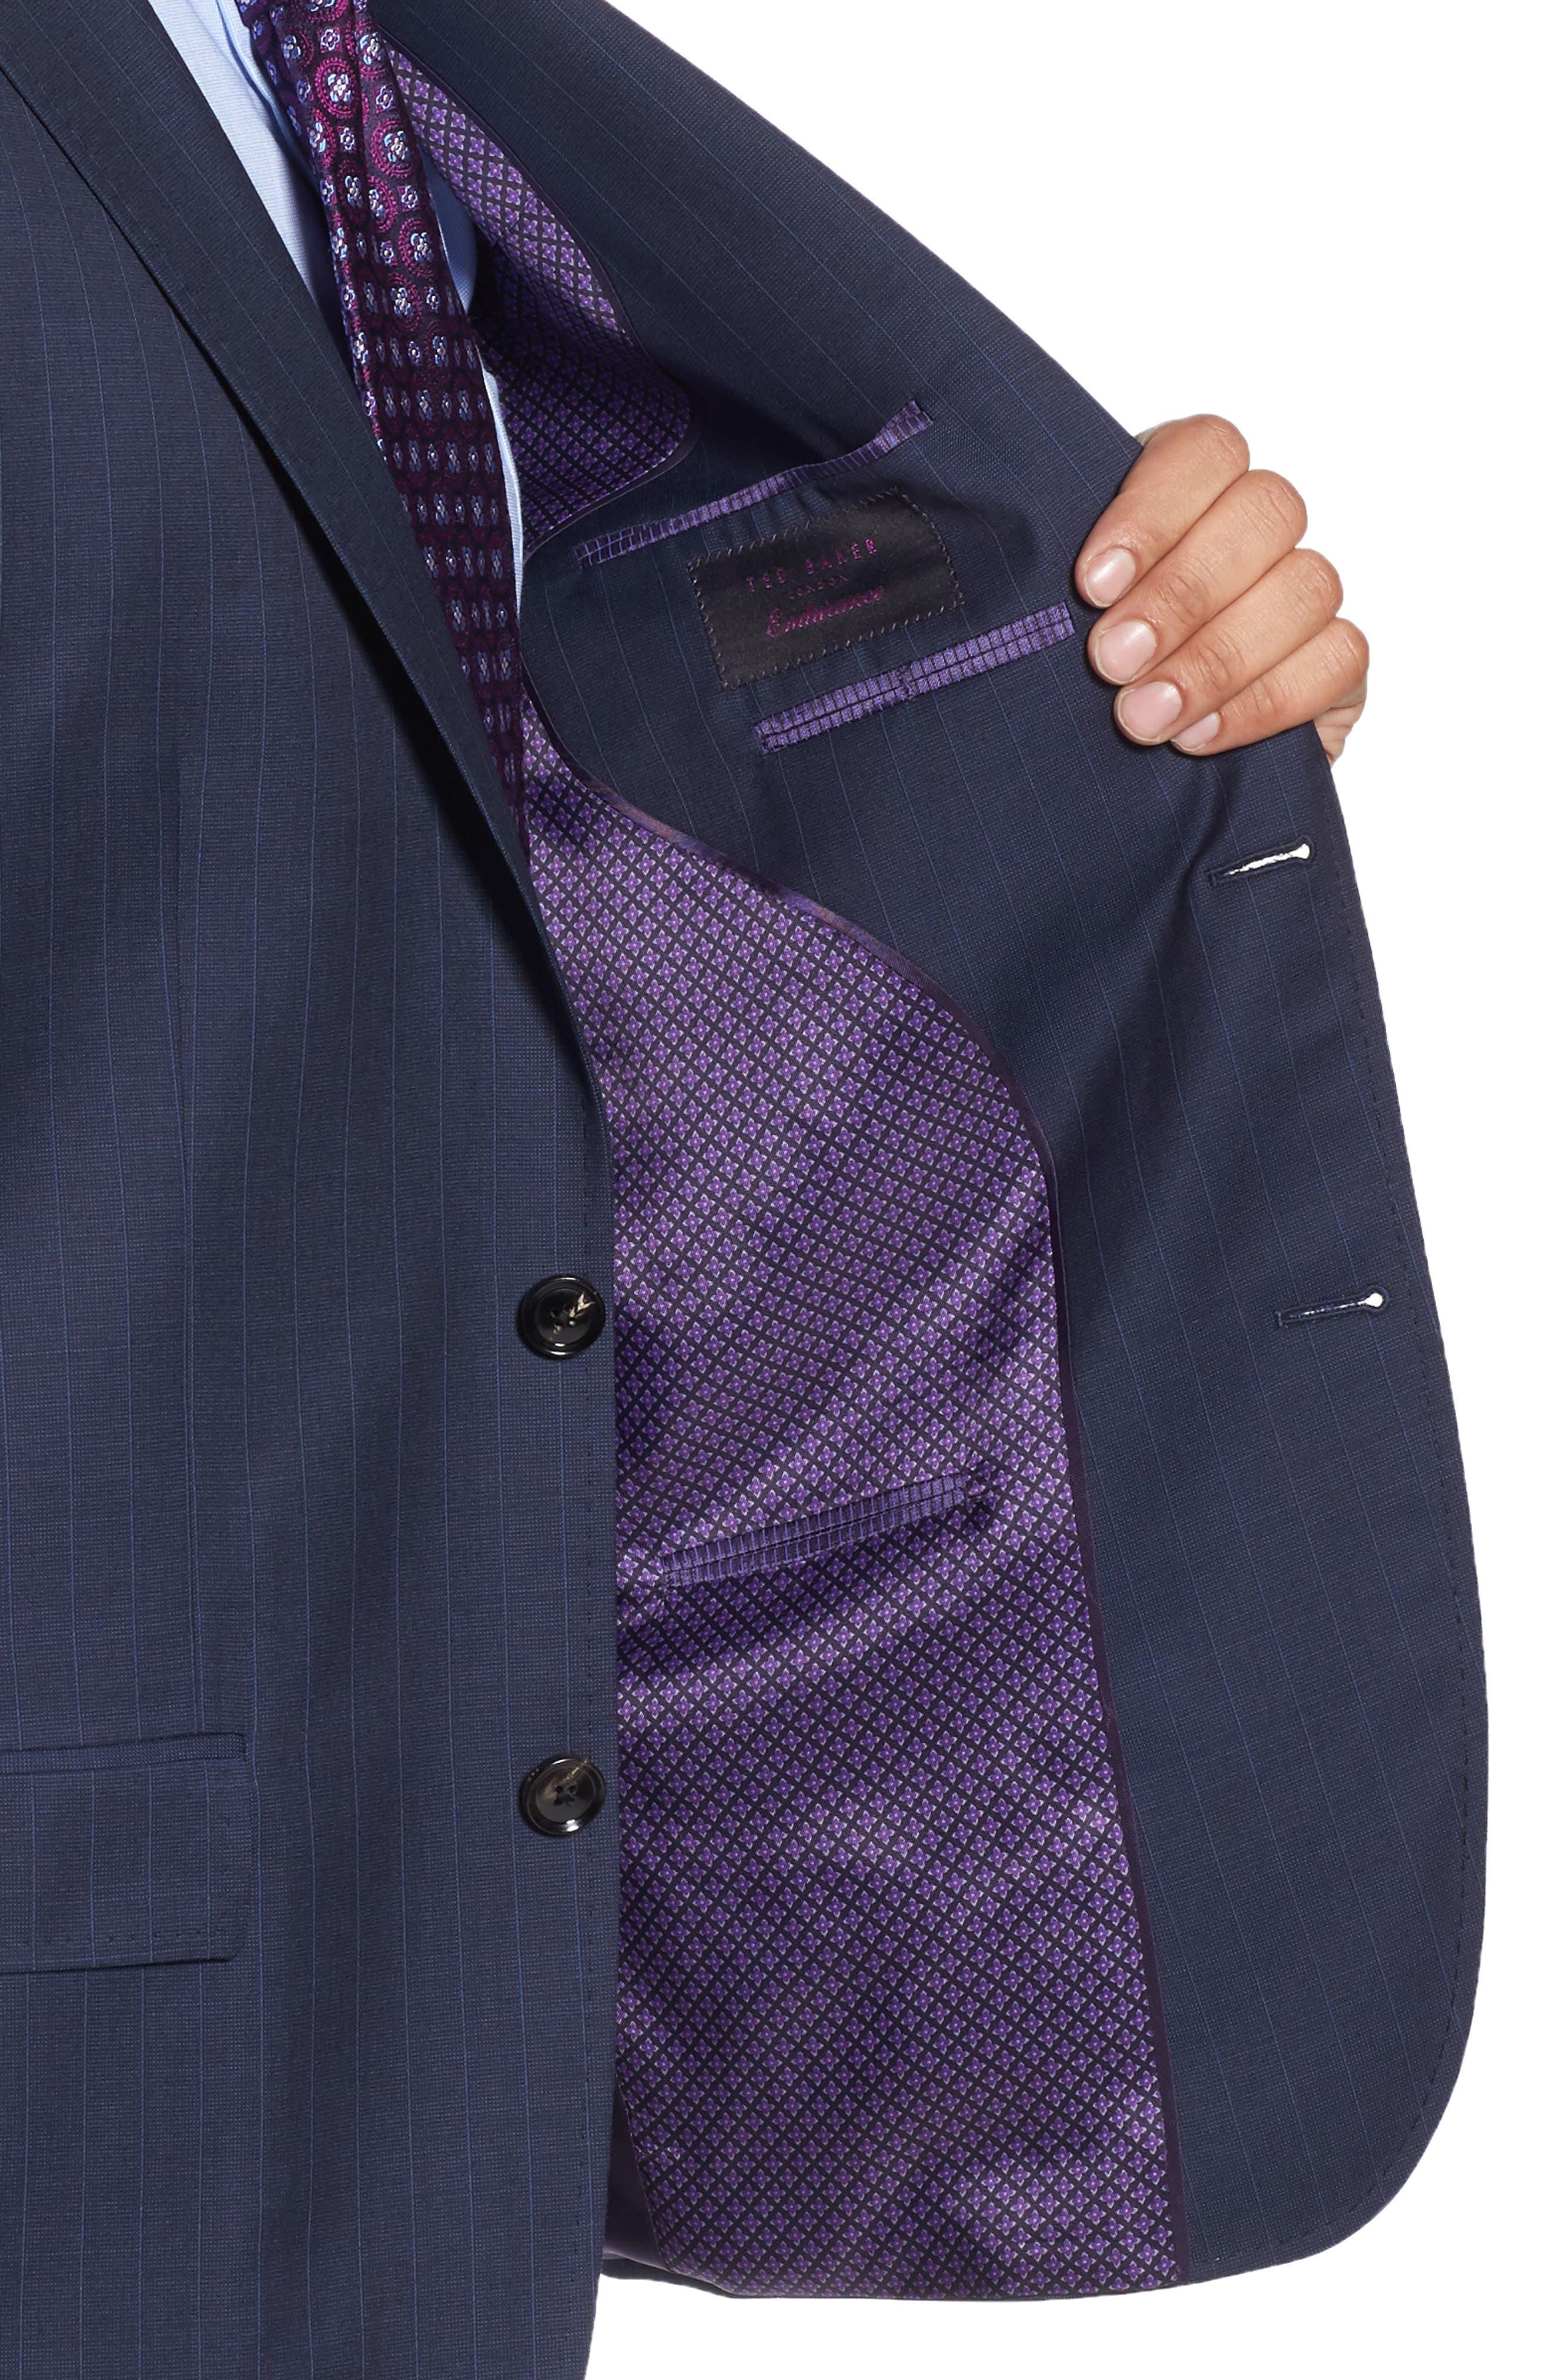 Jay Trim Fit Stripe Wool Suit,                             Alternate thumbnail 4, color,                             400